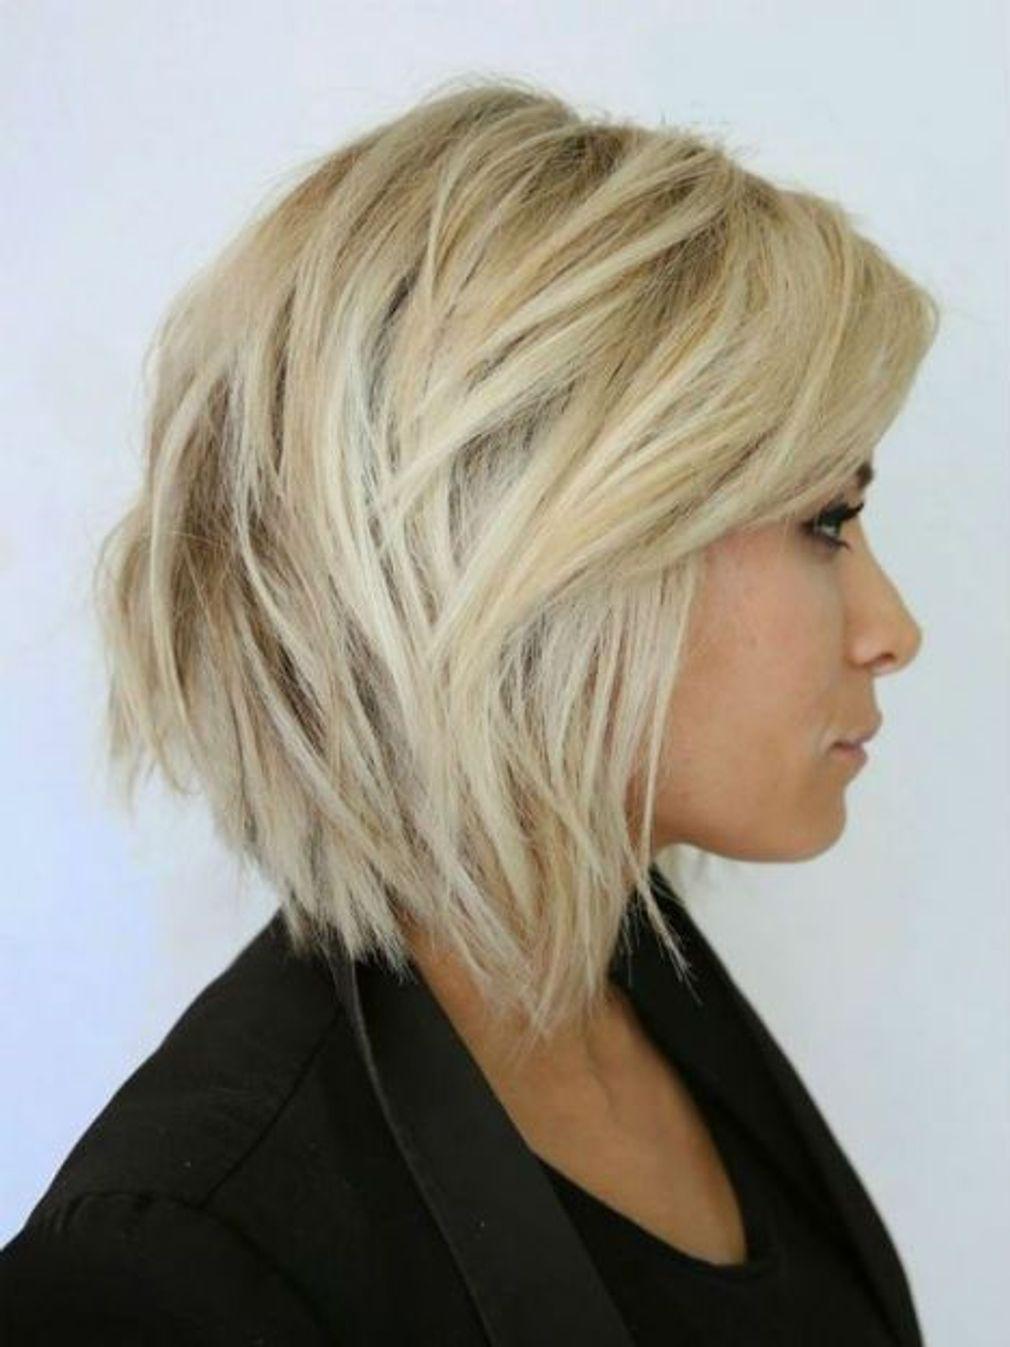 Coiffure Carre Plongeant Degrade Coiffure Carre Plongeant Coupe De Cheveux Cheveux Mi Courts